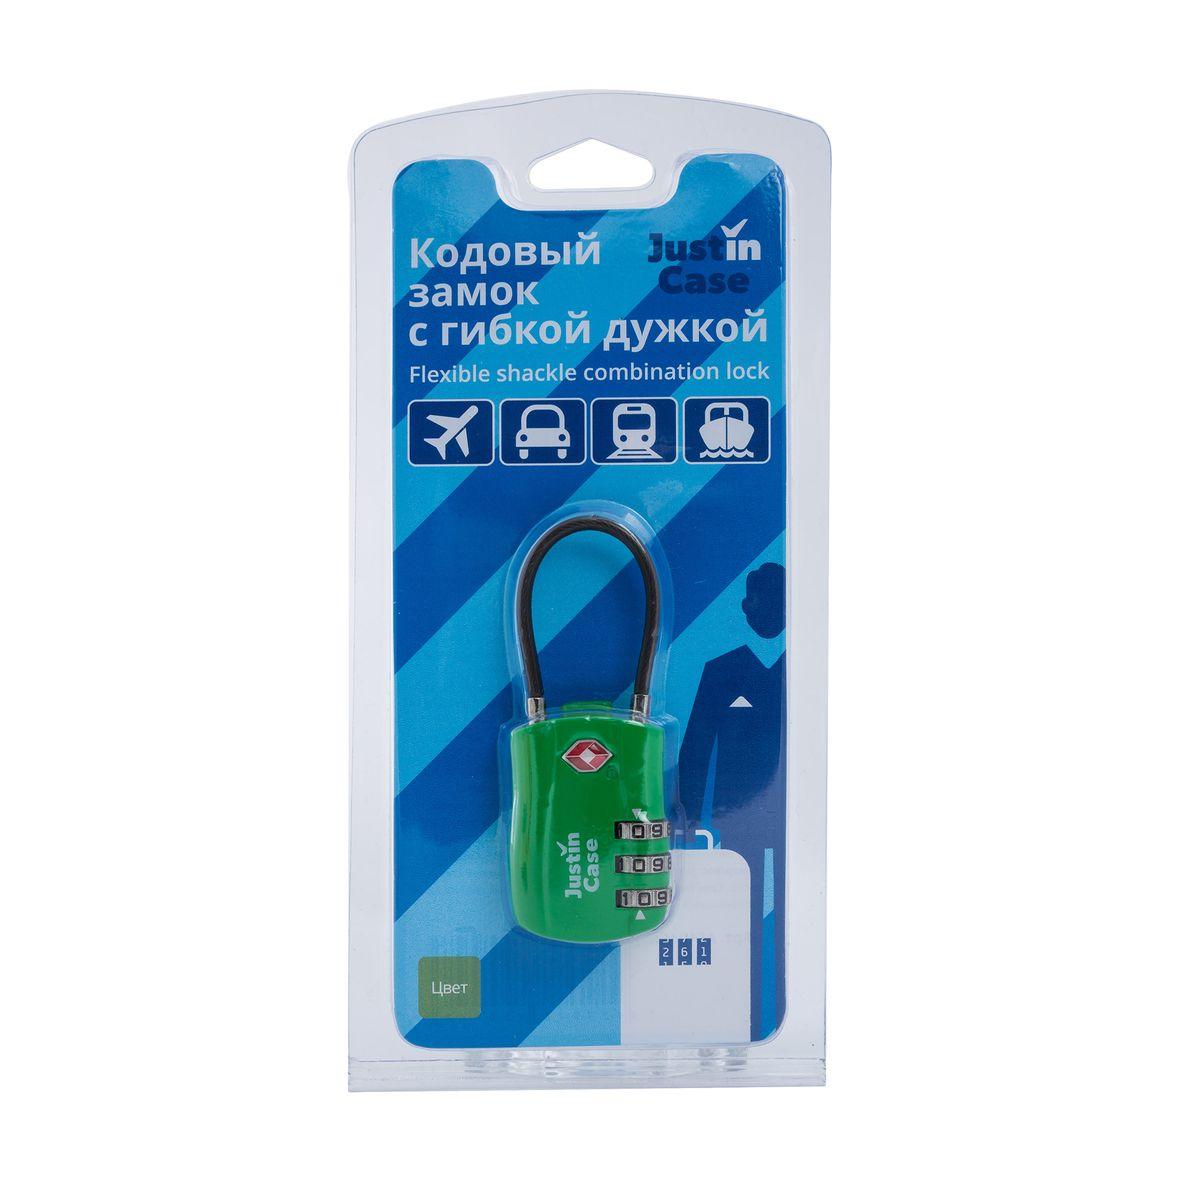 """Замок кодовыйс JustinCase """"3-Dial Lock TSA"""", с гибкой дужкой, цвет: зеленый"""